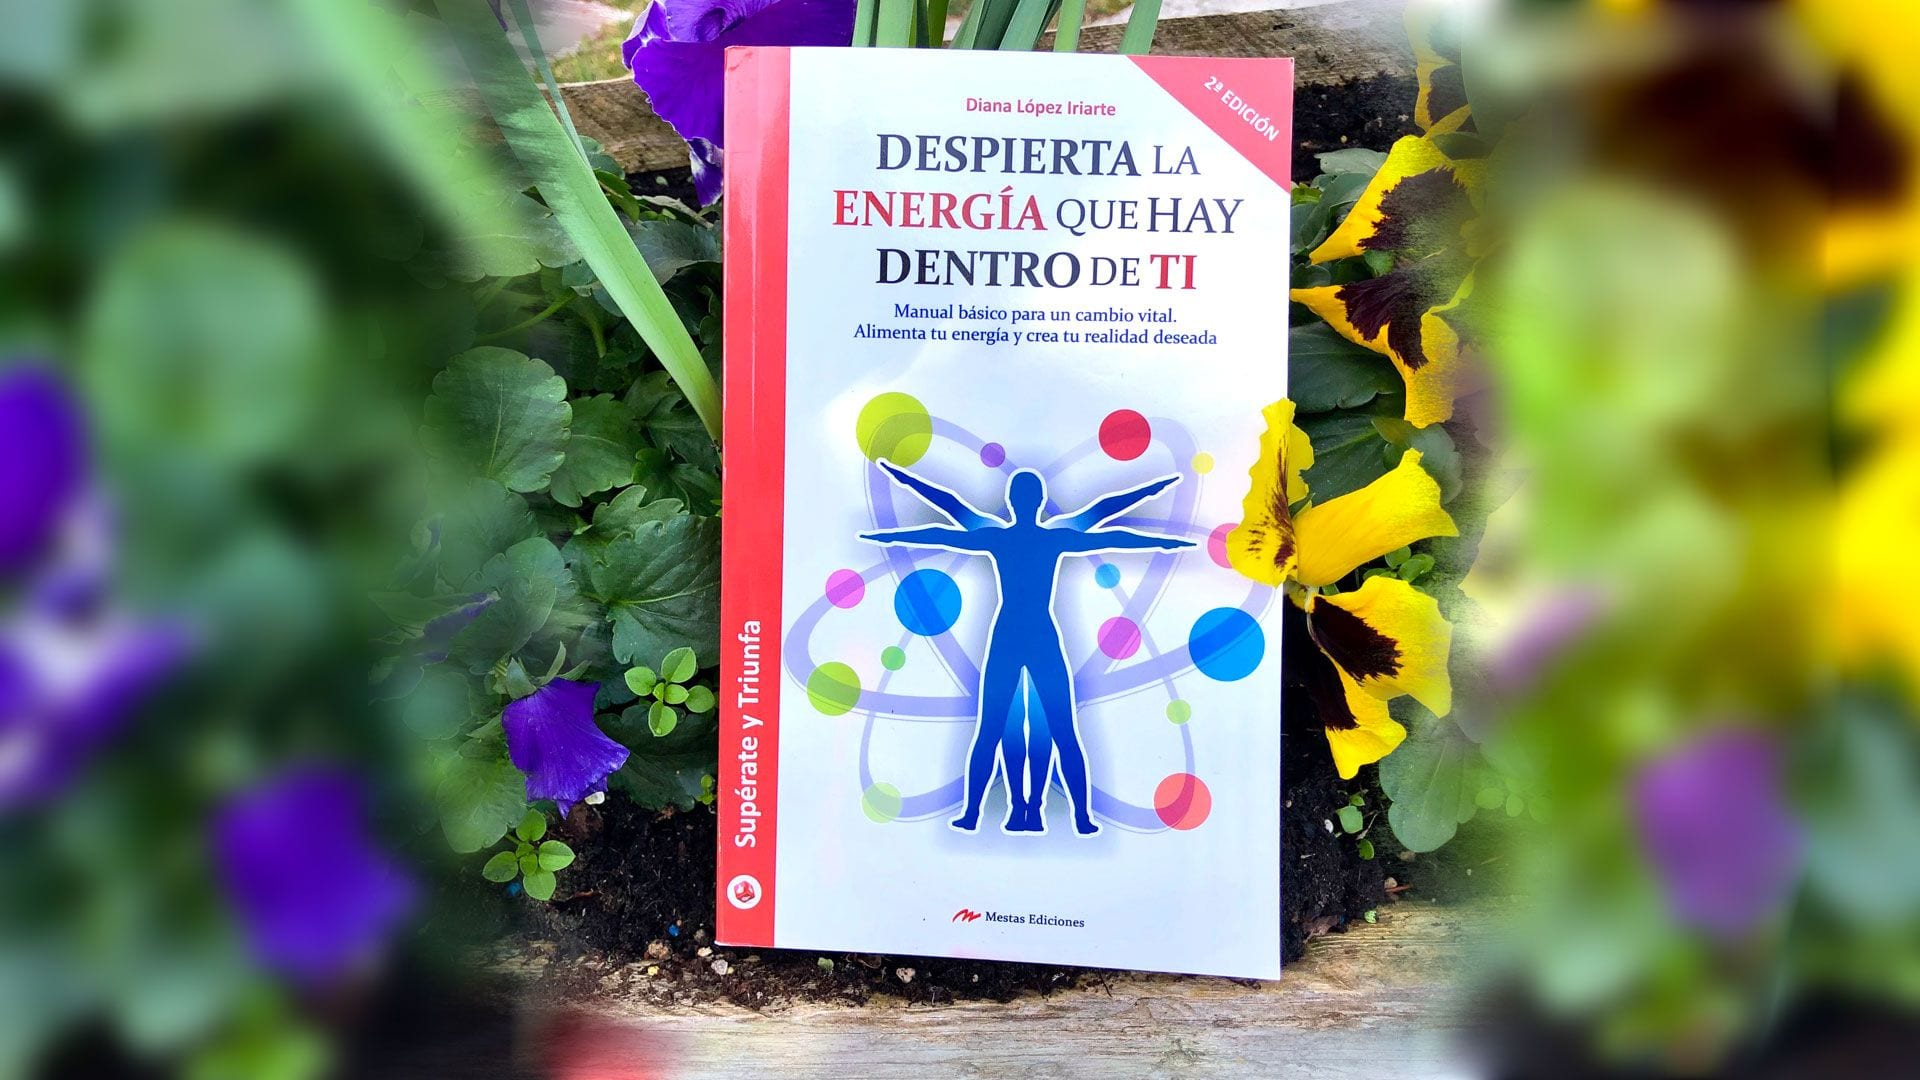 libro-Despierta-la-energia-que-hay-en-ti-Diana-Lopez-Iriarte